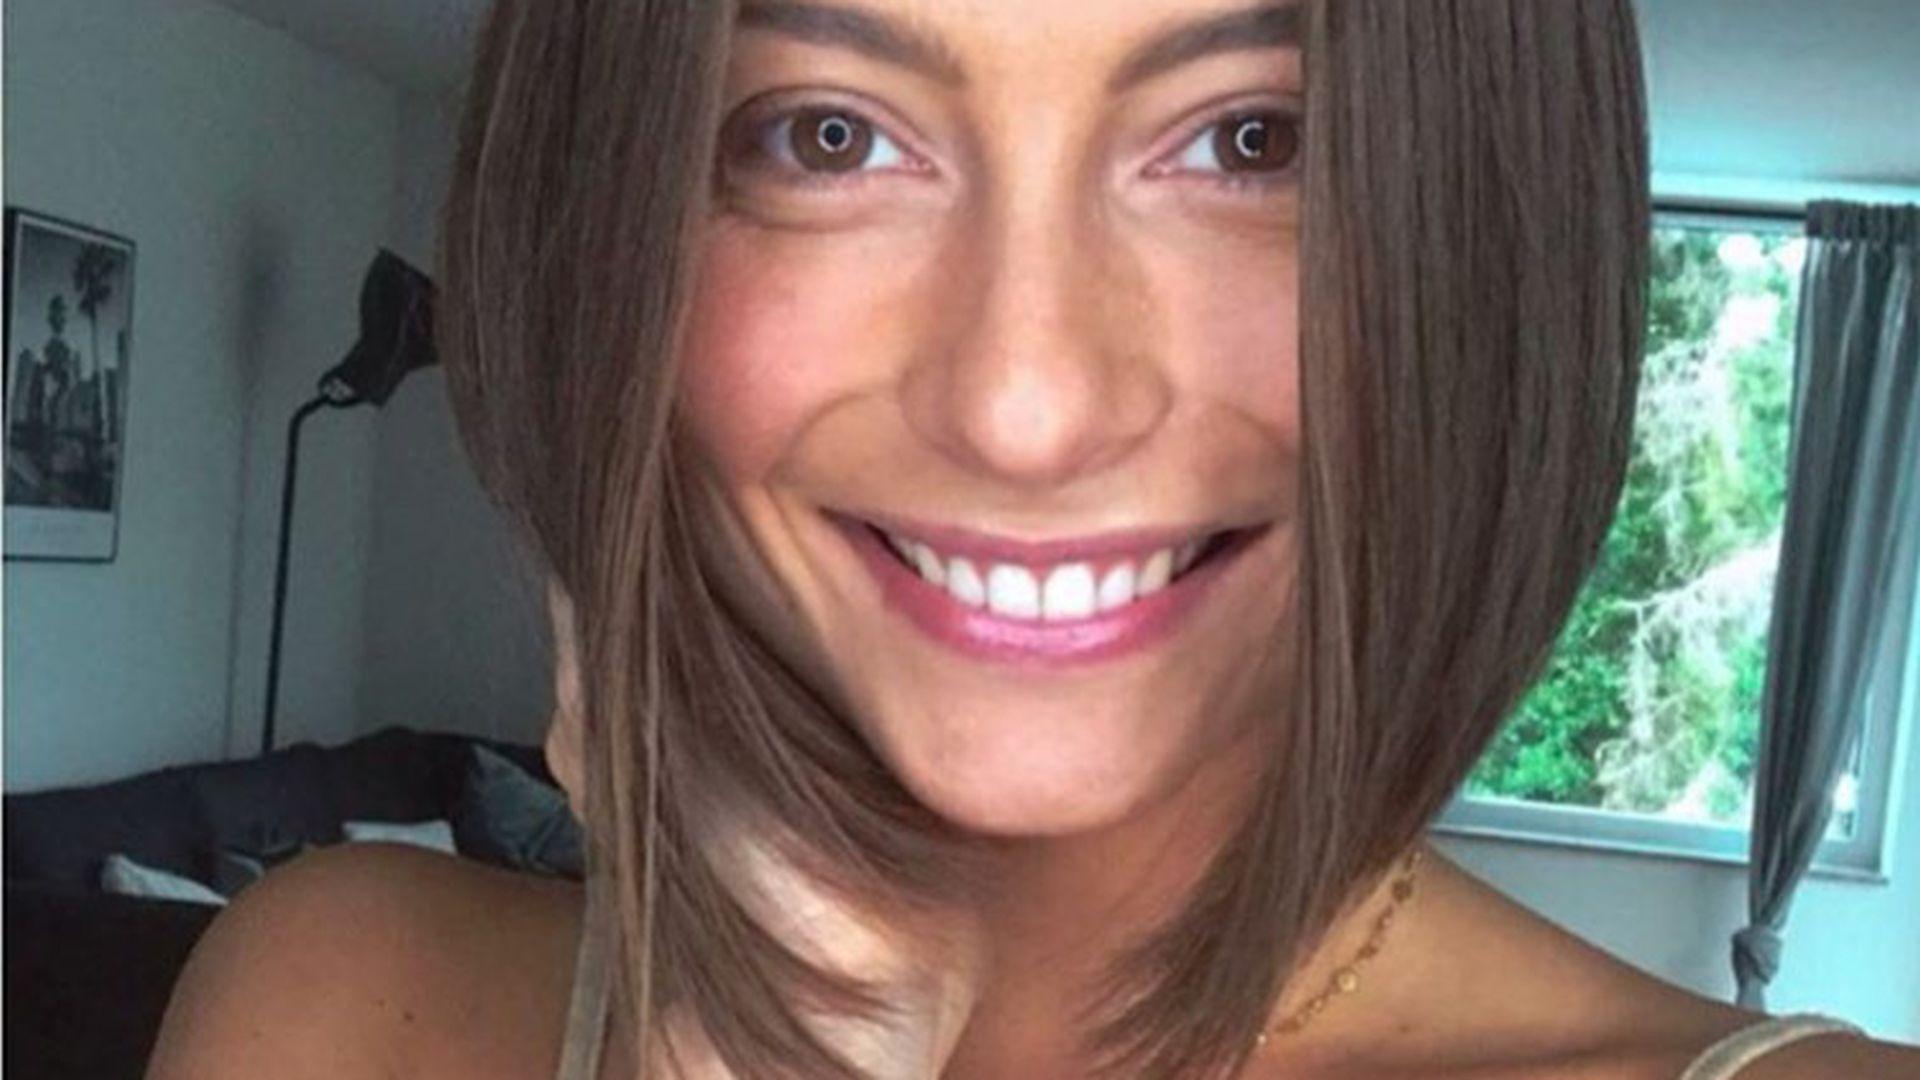 Neue Frisur: Jennifer Lange trägt jetzt einen stylishen Bob